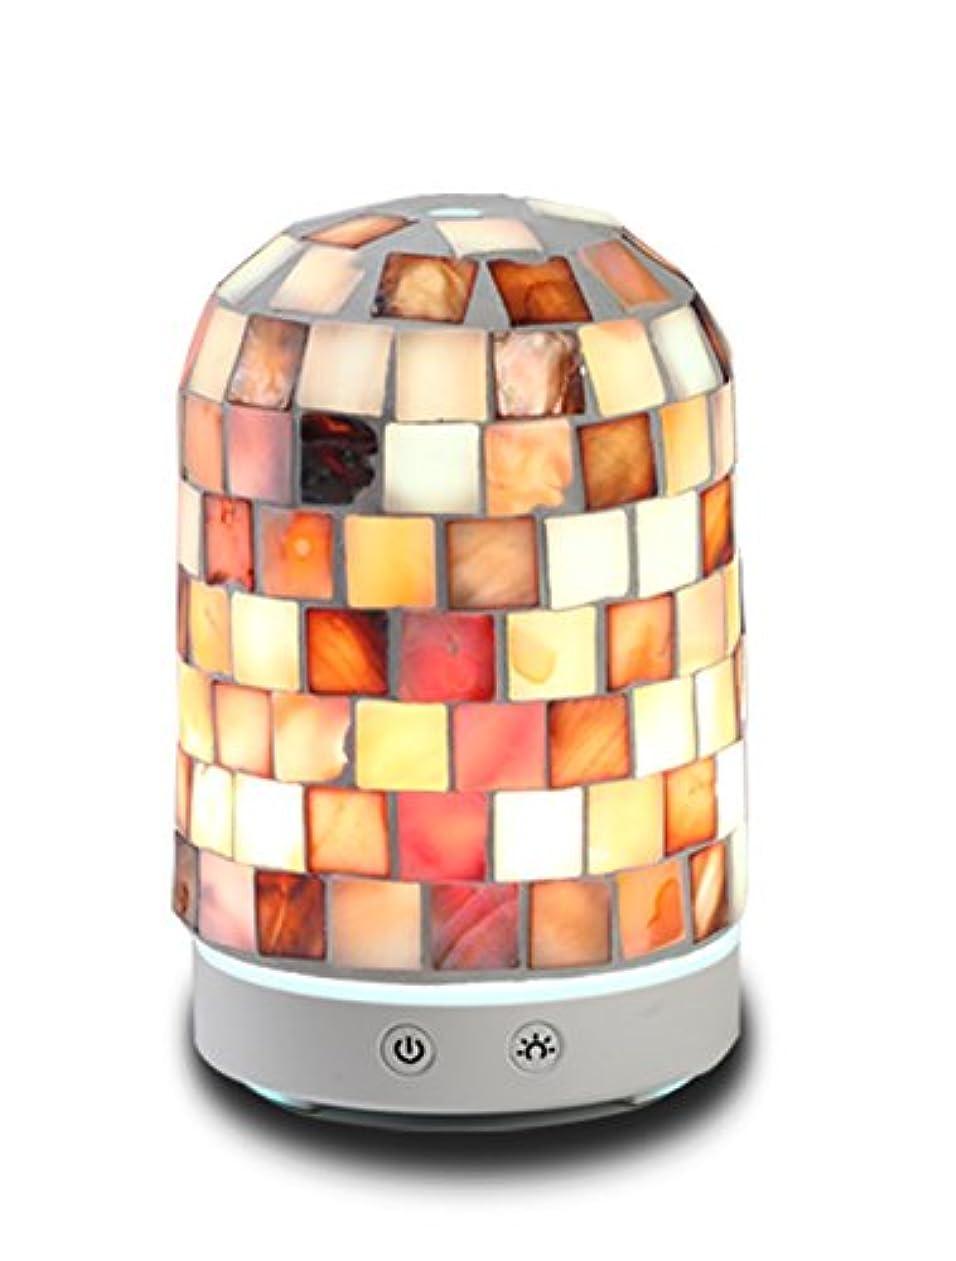 船員遅れ南方のAAアロマセラピーアロマエッセンシャルオイルディフューザー加湿器120 ml Dreamカラーガラス14-color LEDライトミュート自動ライトChangingアロマセラピーマシン加湿器 Diameter: 9cm;...